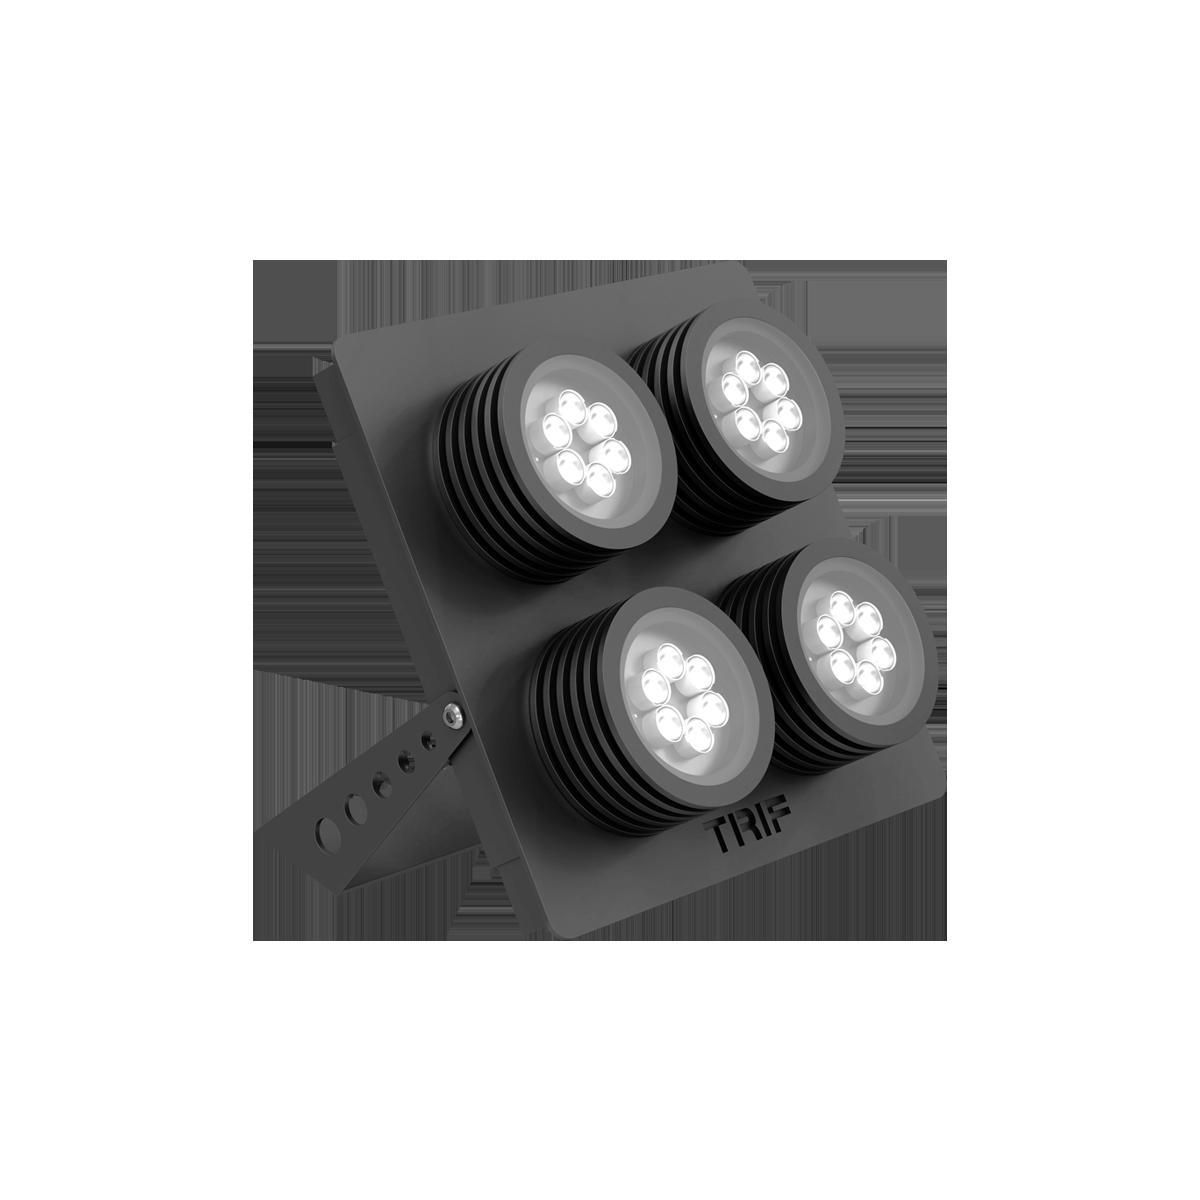 TRIF FOCUS серия ландшафтных LED прожекторов